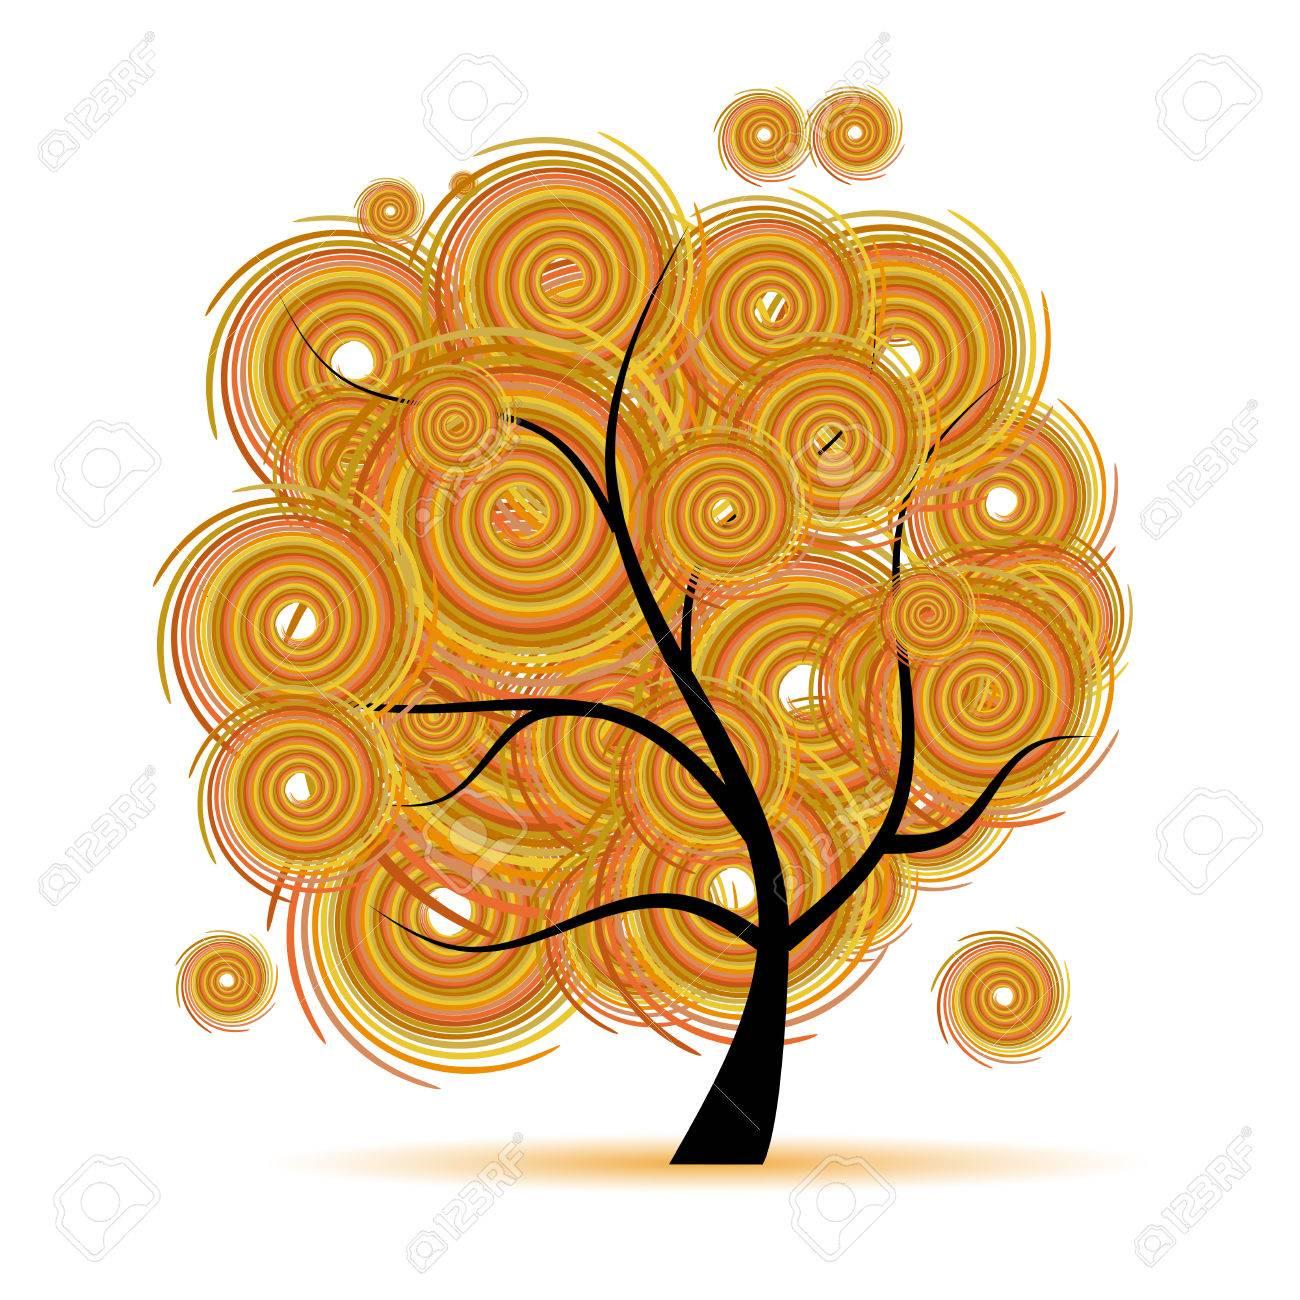 Art tree fantasy, autumn season Stock Vector - 6040056